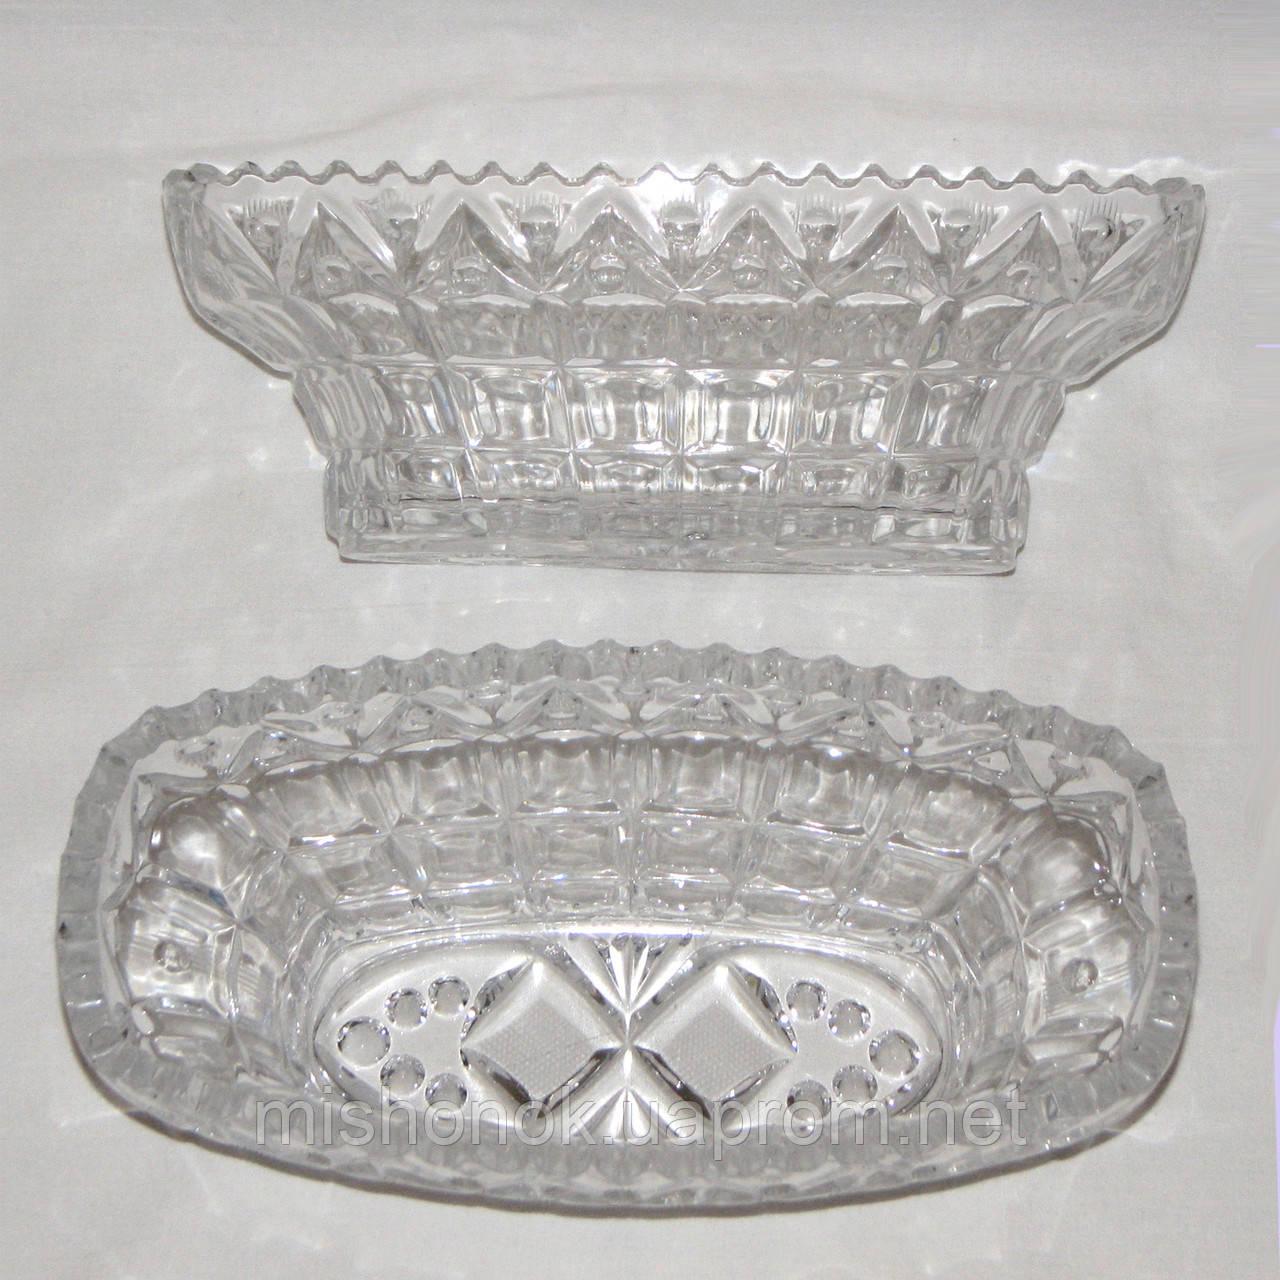 Пара хрустальных салатниц овальной формы, размер 25 х 12,5 х 9 см